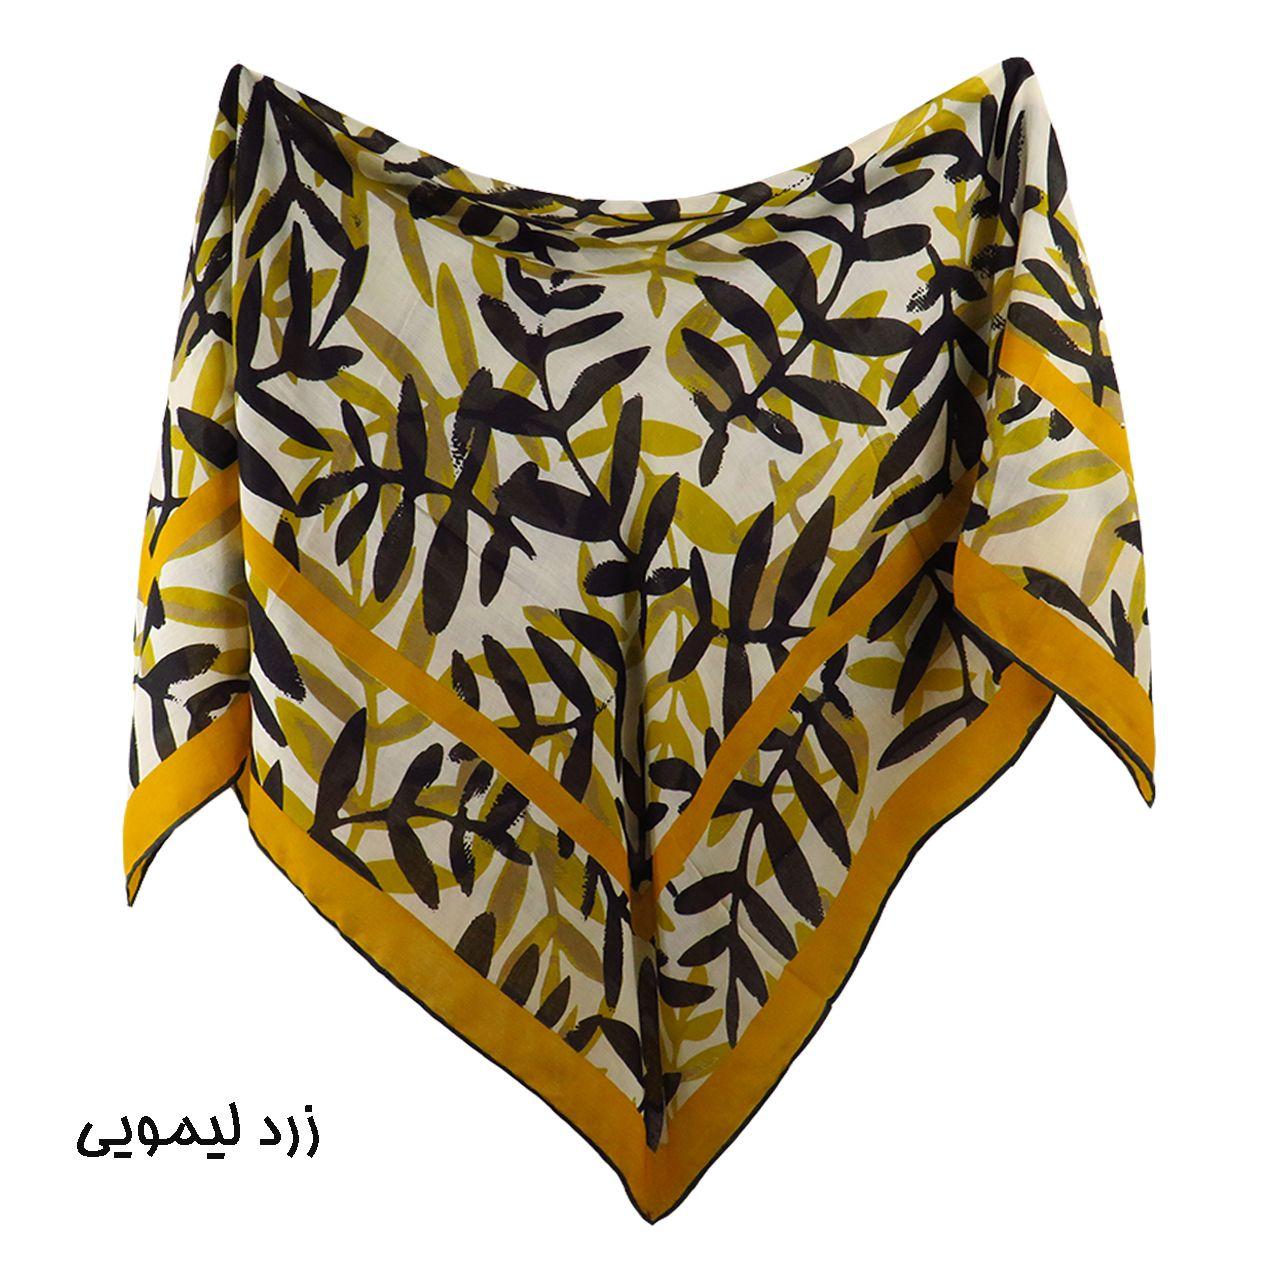 روسری زنانه لمیز مدل برگ  -  - 8